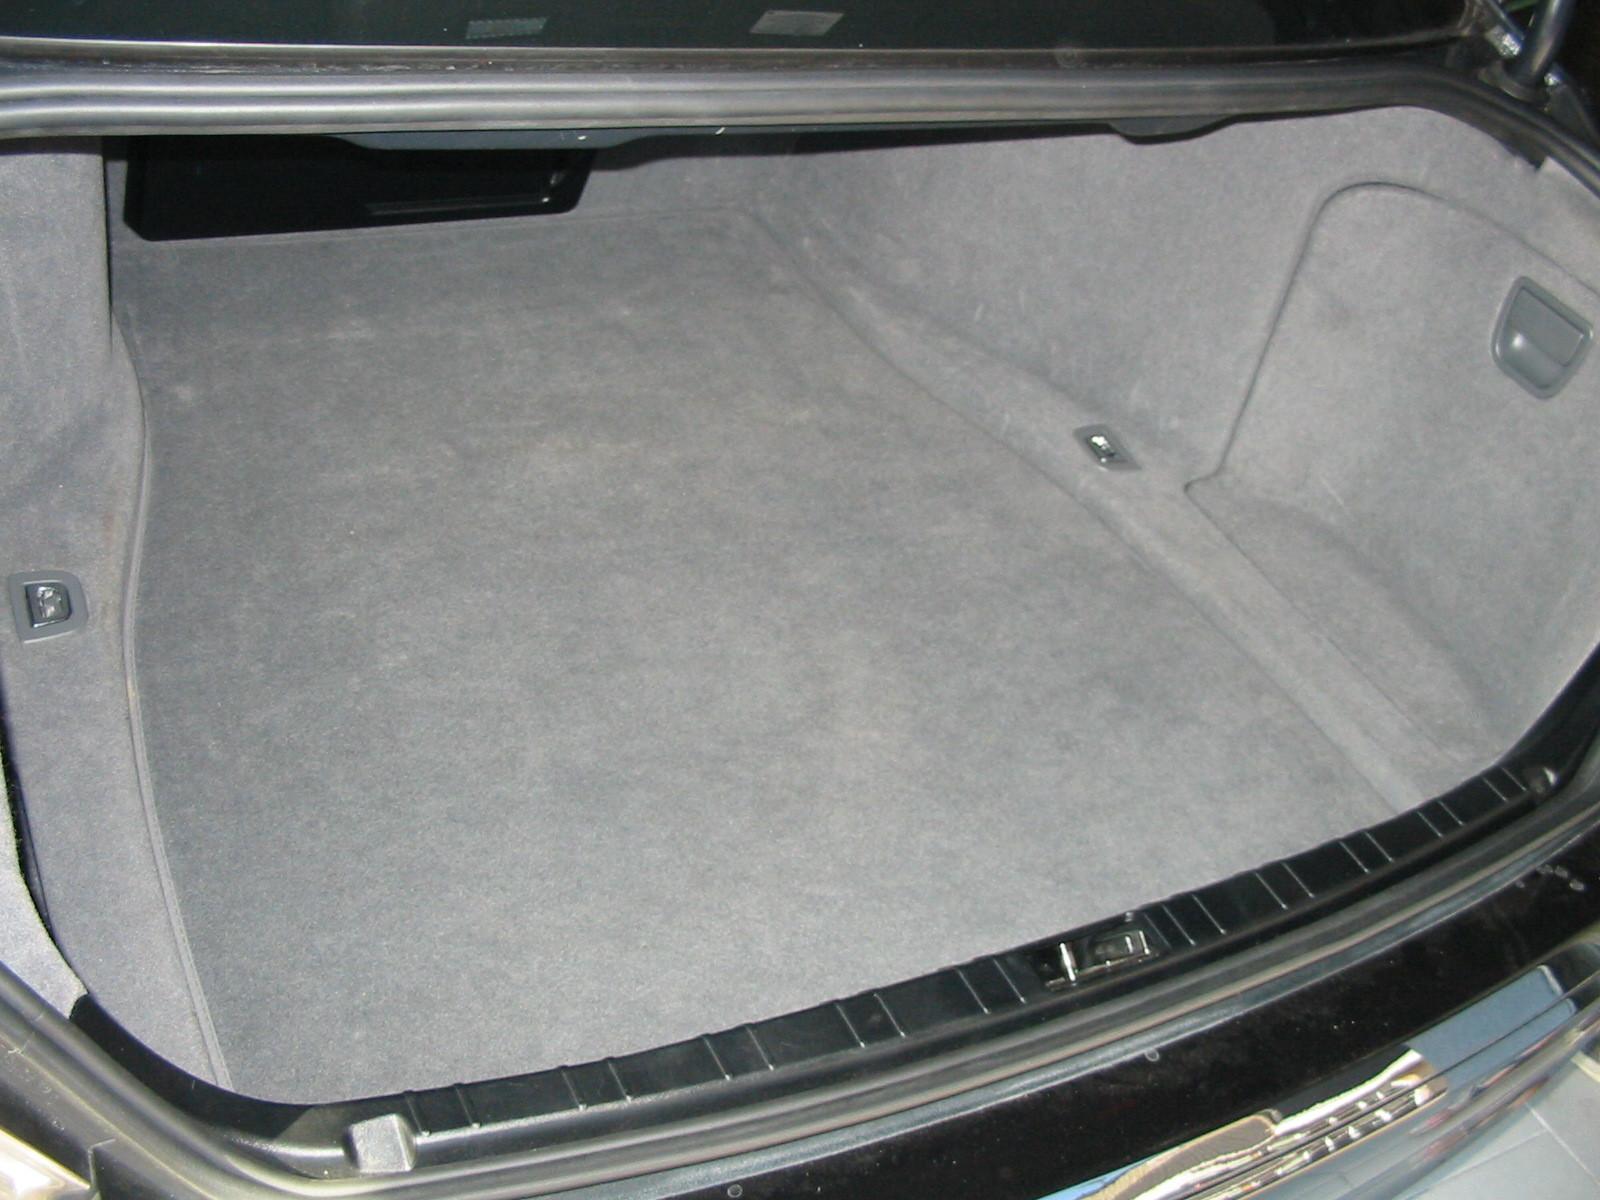 BMW 7er Langversion - mit Abdeckung